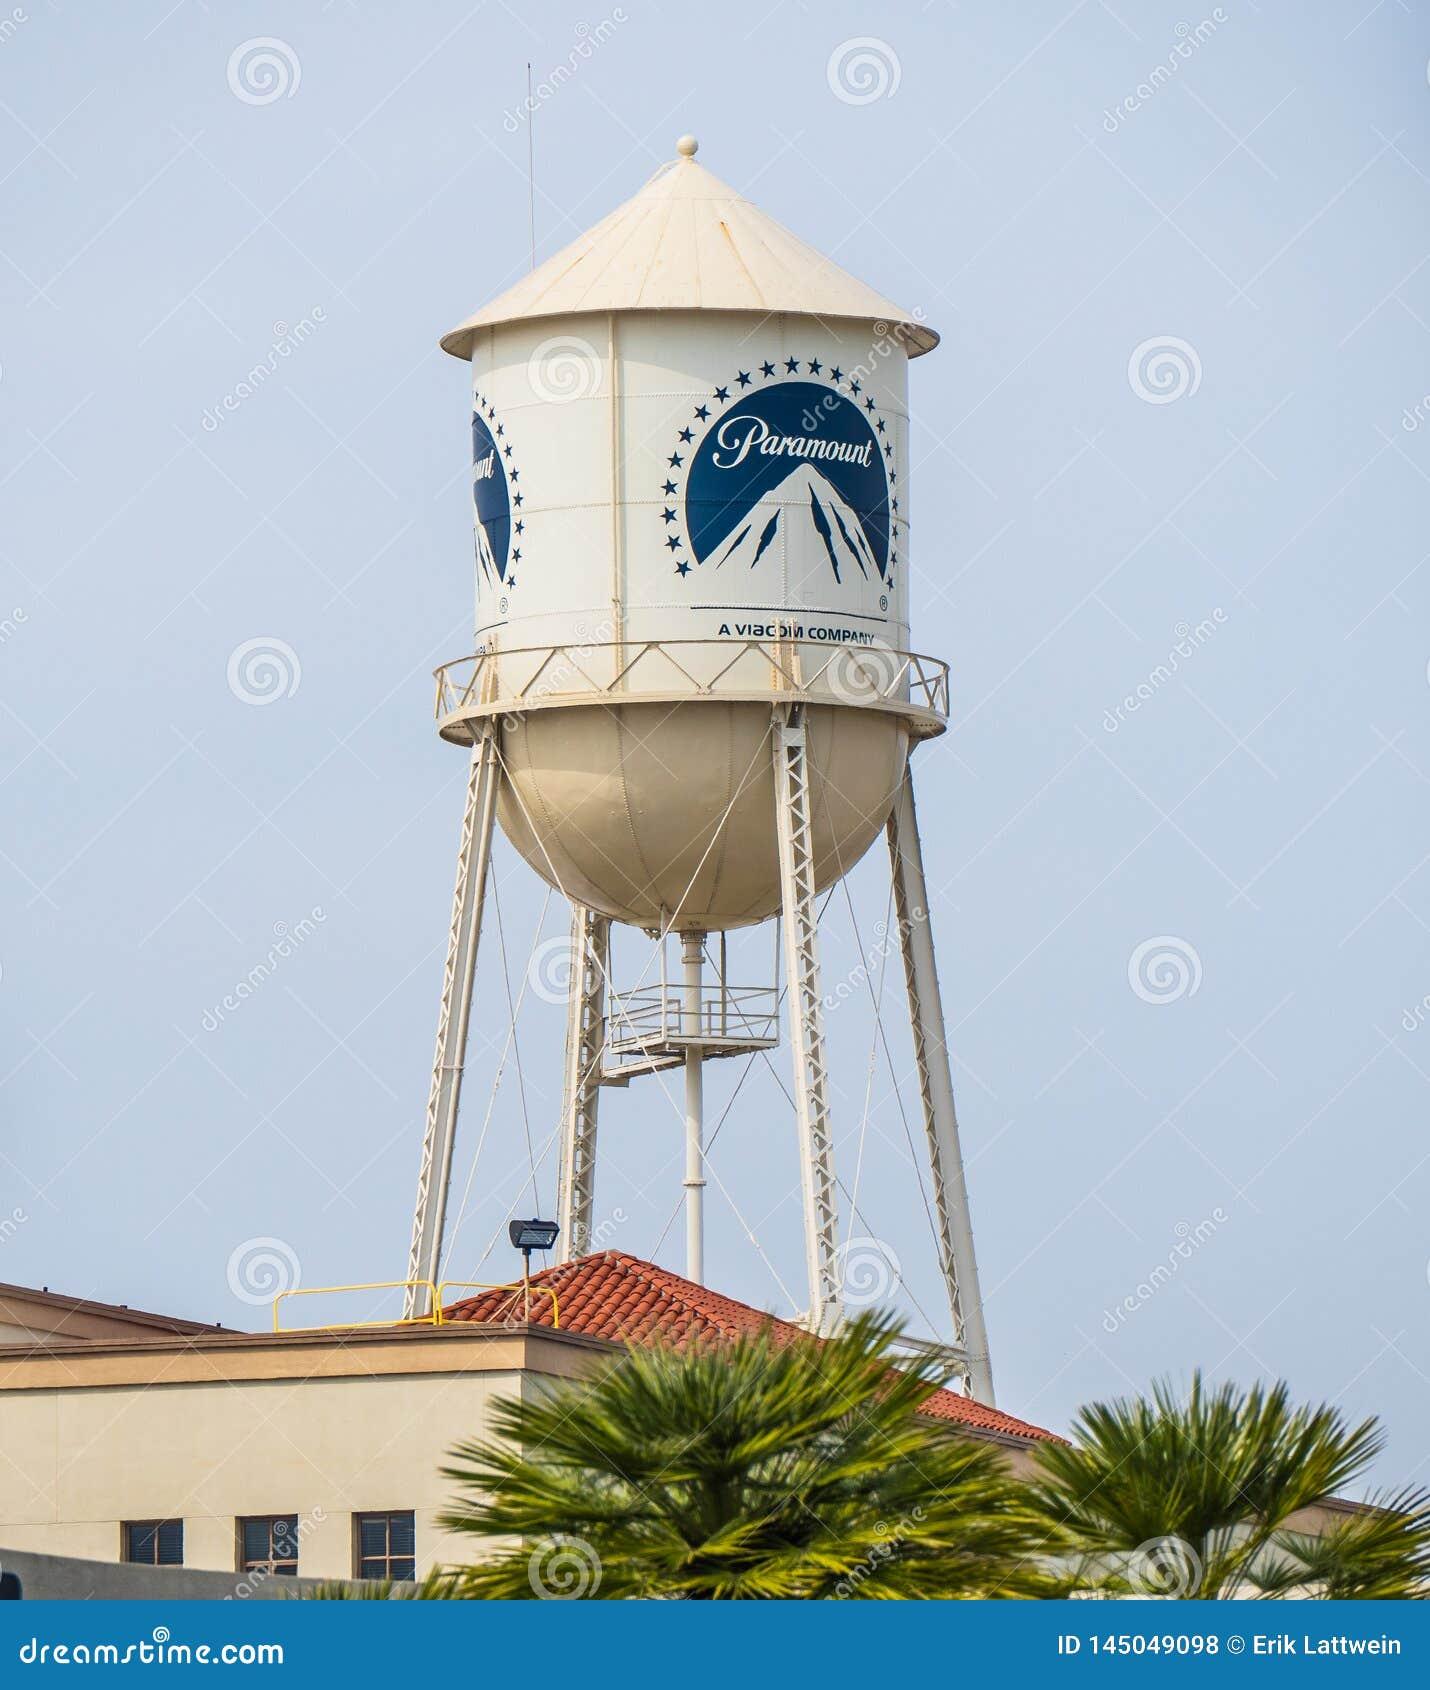 Torre em estúdios cinematográficos de Paramount Pictures em Los Angeles - CALIFÓRNIA, EUA - 18 DE MARÇO DE 2019